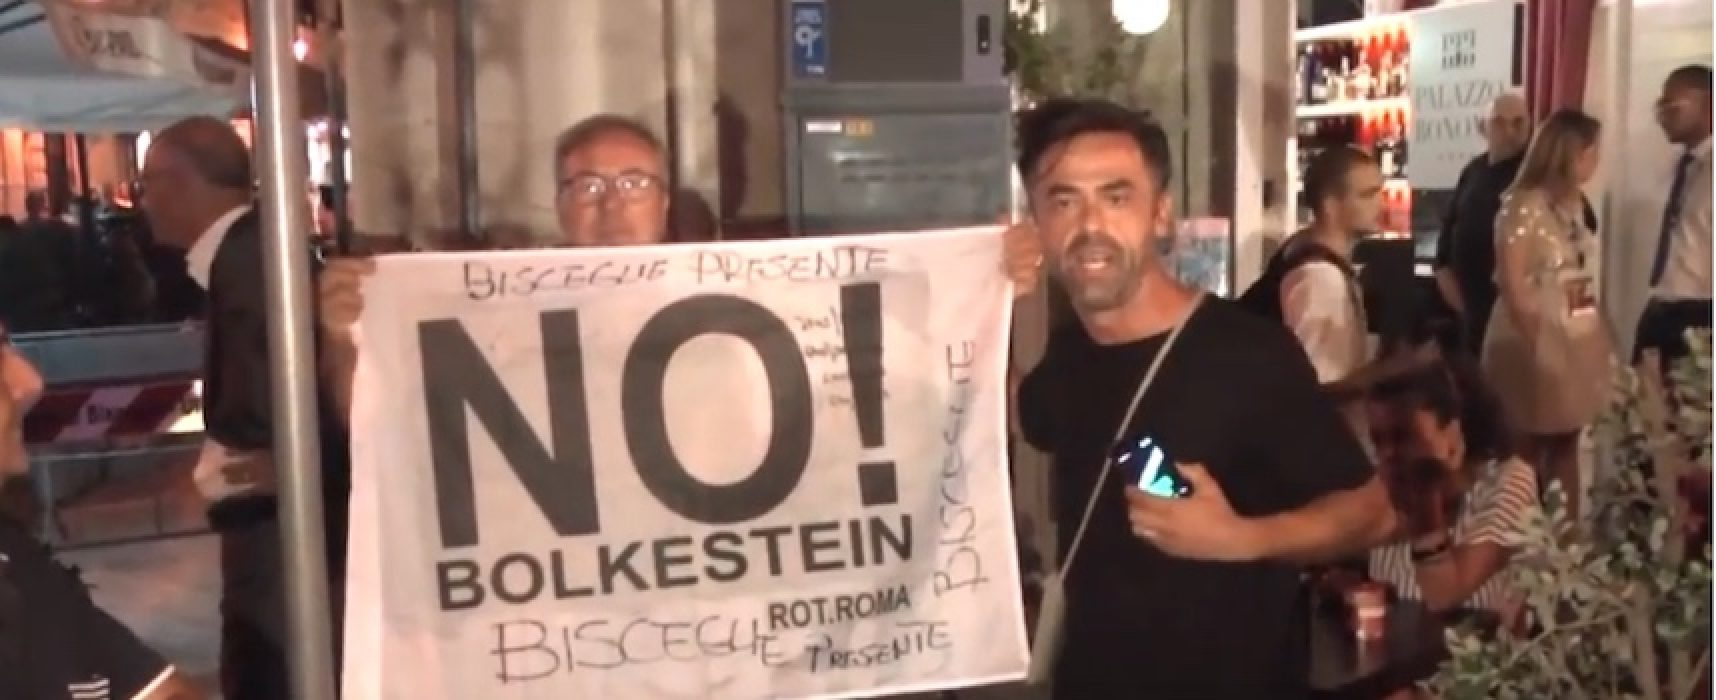 No Bolkenstein, CasAmbulanti Bisceglie a Largo Castello in occasione della visita di Di Maio